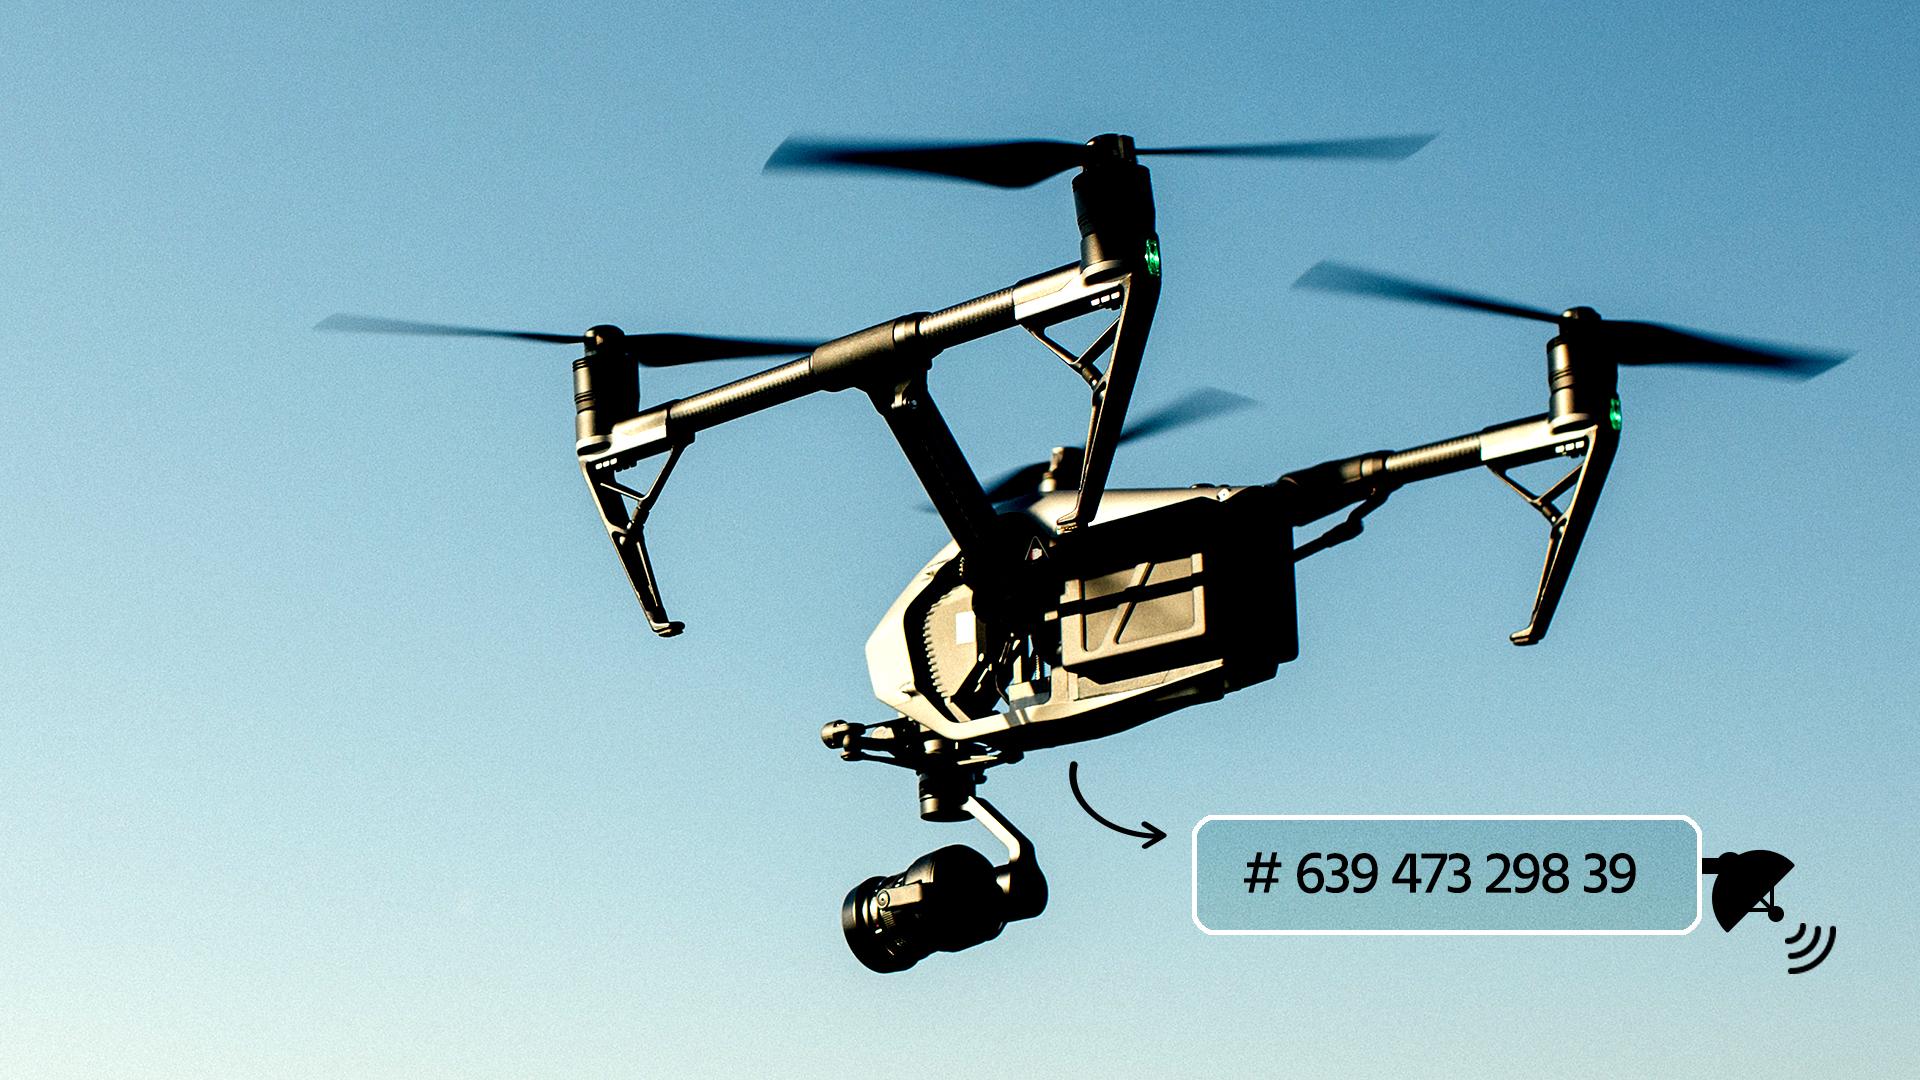 DJIのAeroScope - 飛行制限区域に侵入するドローンを監視